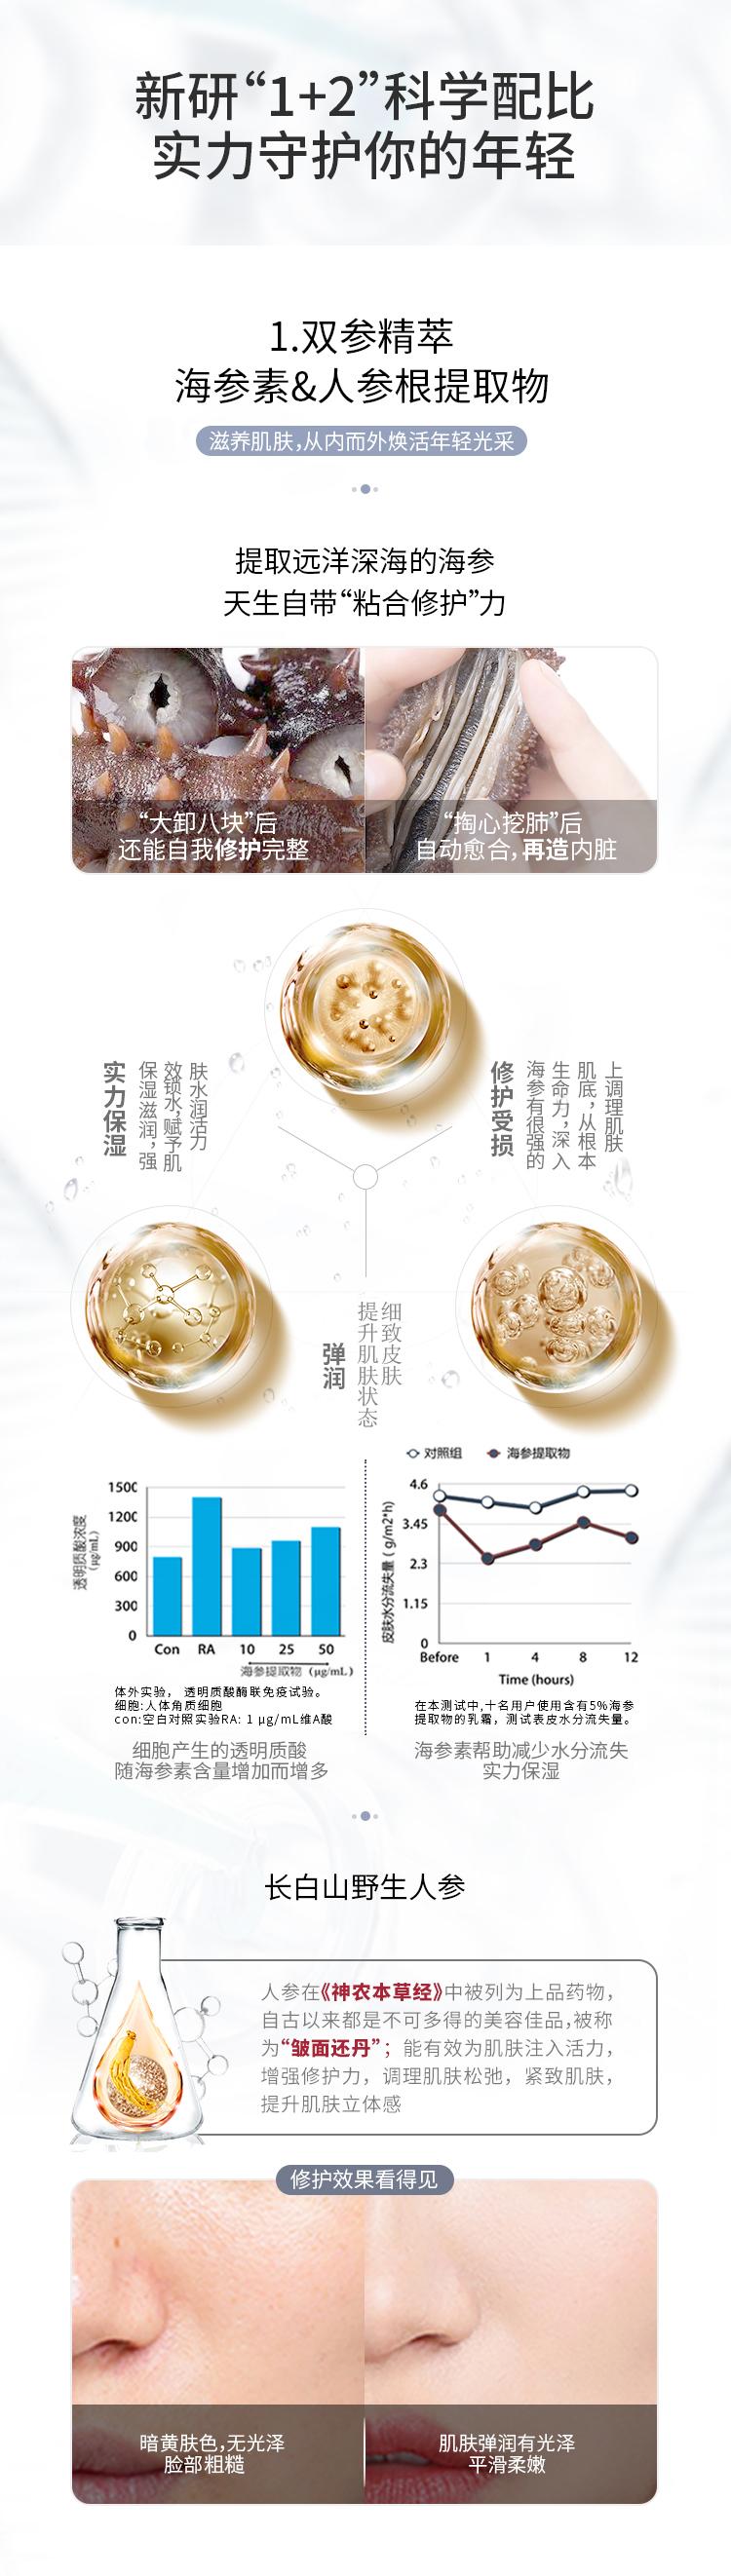 敬修堂双参紧致修护微肽霜3.jpg